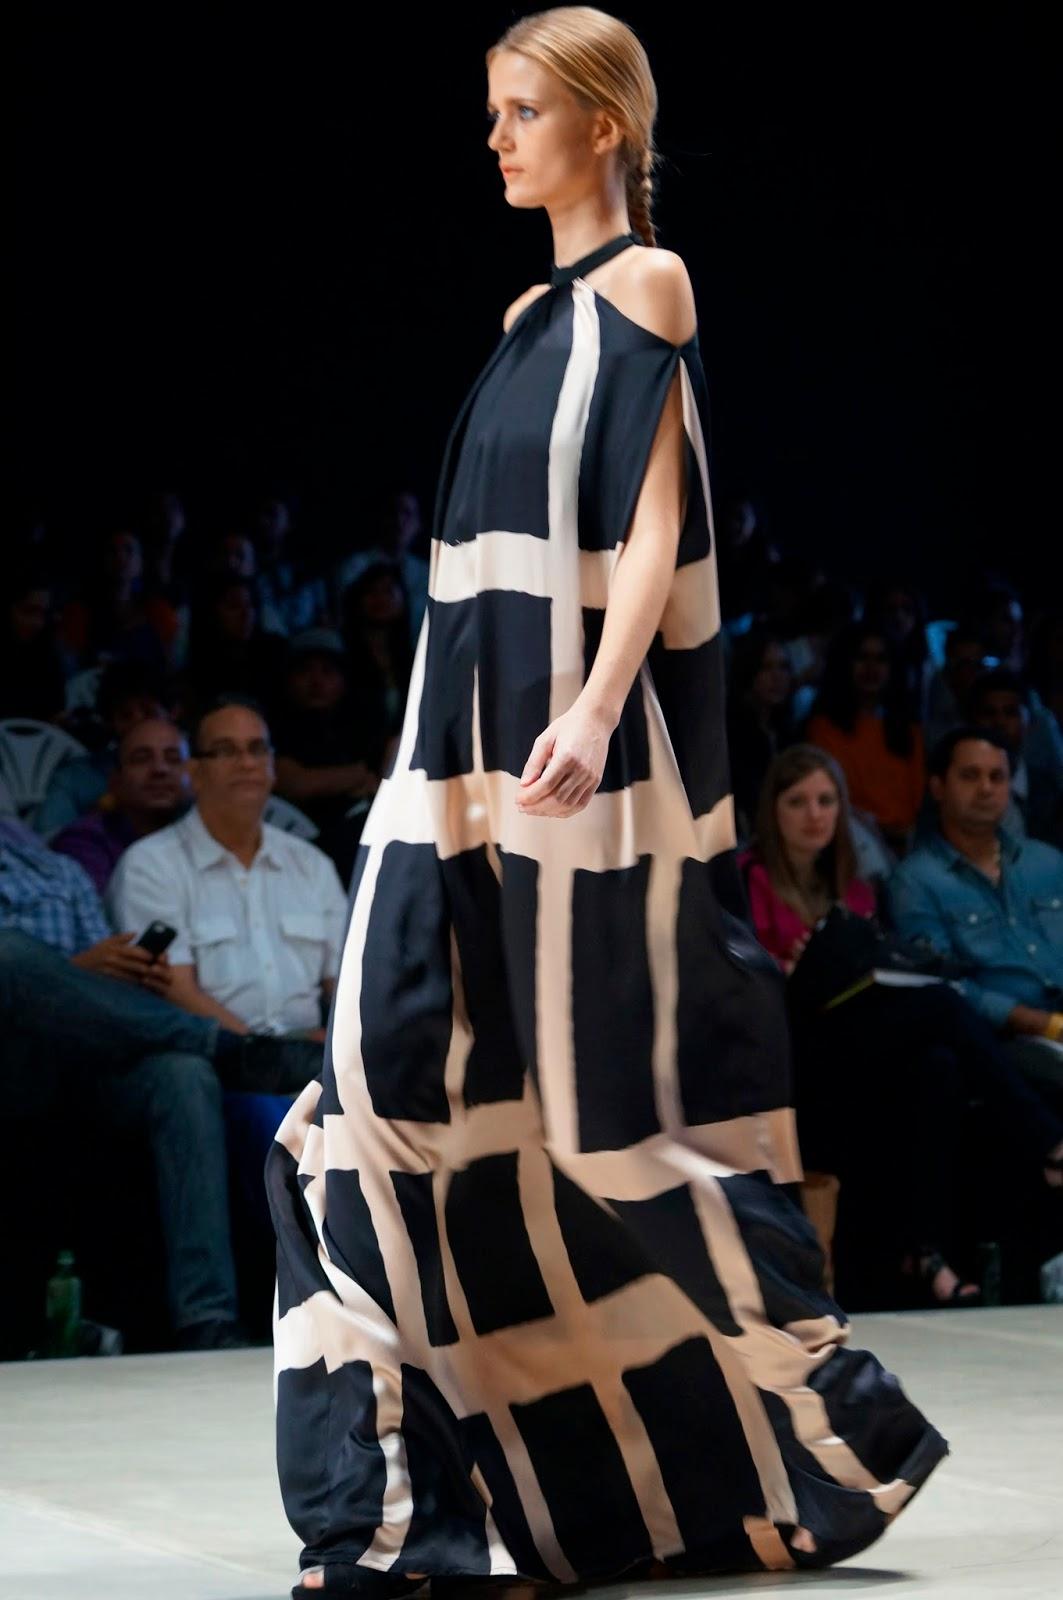 Kris Goyri Runway, Panama Fashion Week 2014